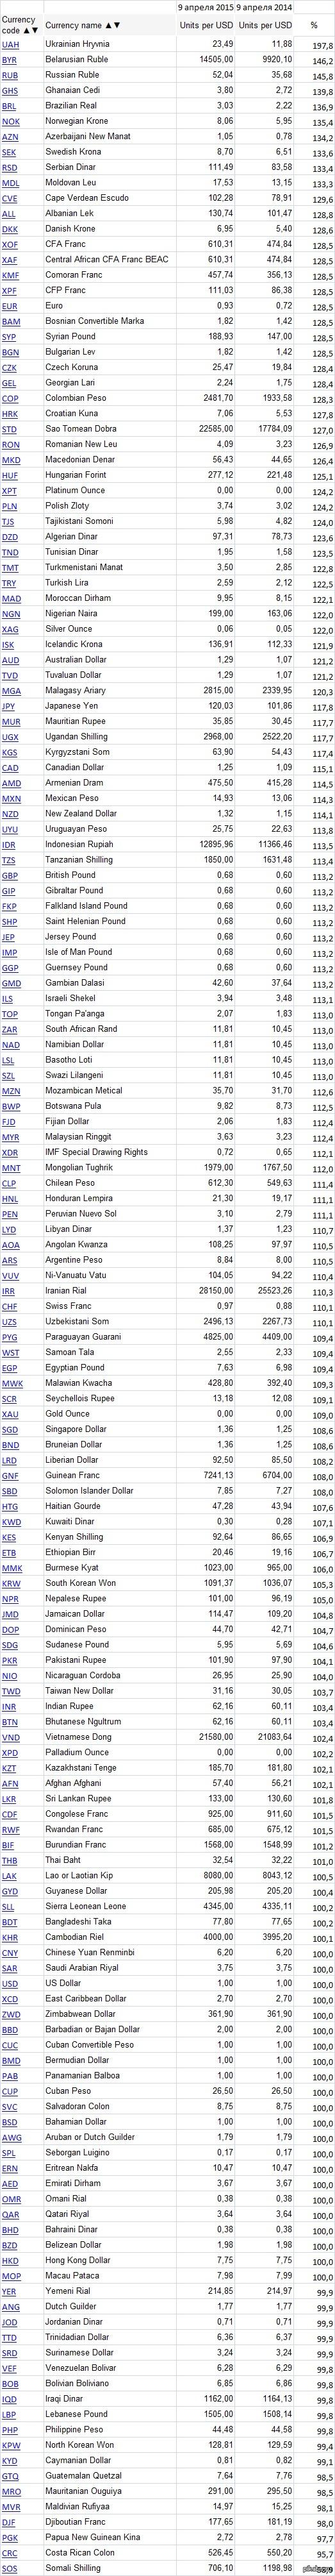 Сравнение курса всех валют к доллару с данными годичной давности. Как мы видим, Шведская и Норвежская кроны почти также просели к доллару как рубль. Никто не слышал заявление Обамы о разорванной в клочья норвежской экономике?